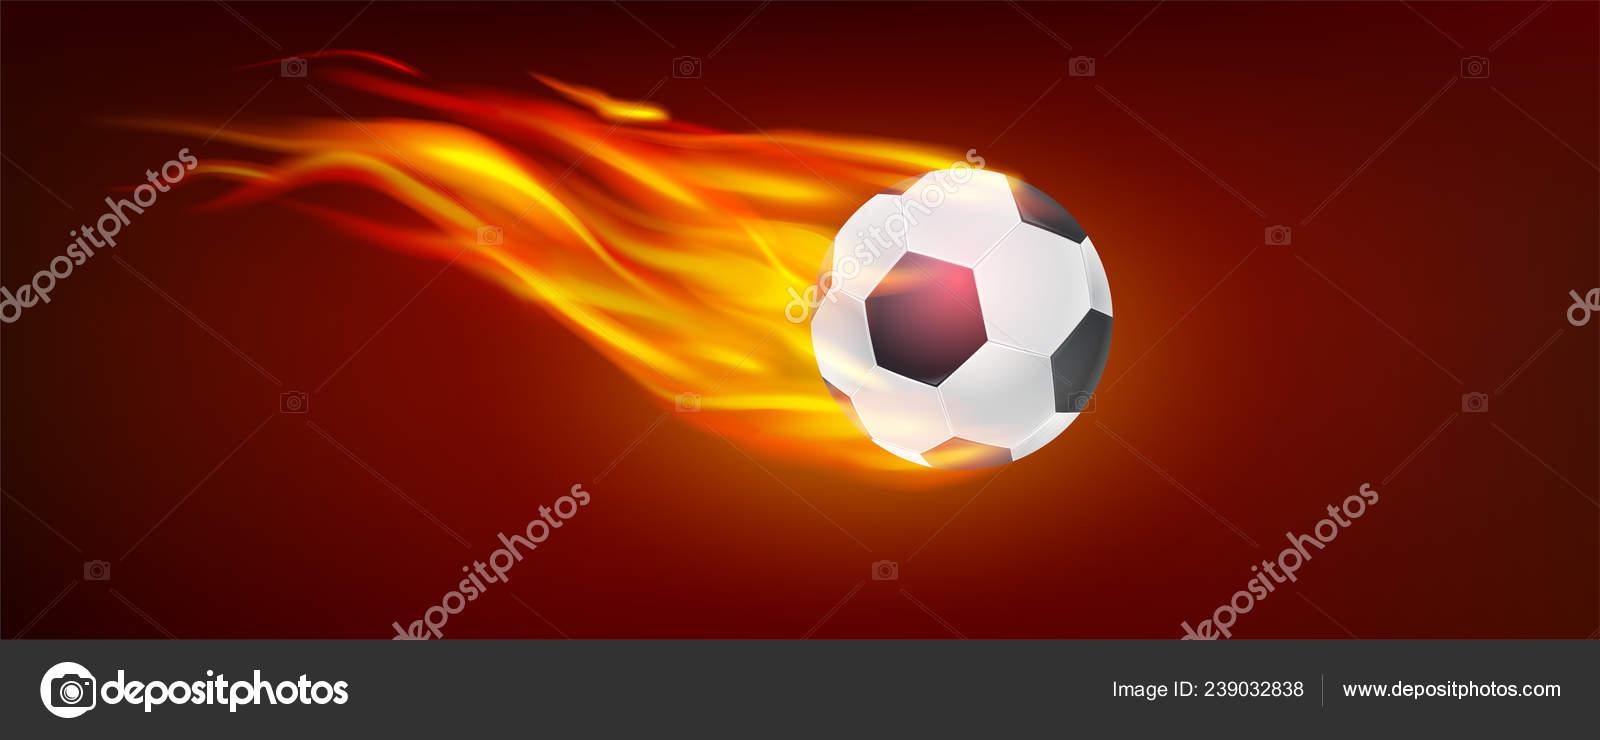 Realista vuelo ardiente bola de fútbol clásico. Icono de balón de fútbol en  el fuego para el partido de fútbol caliente. 3D ilustración vectorial b6238a46af098